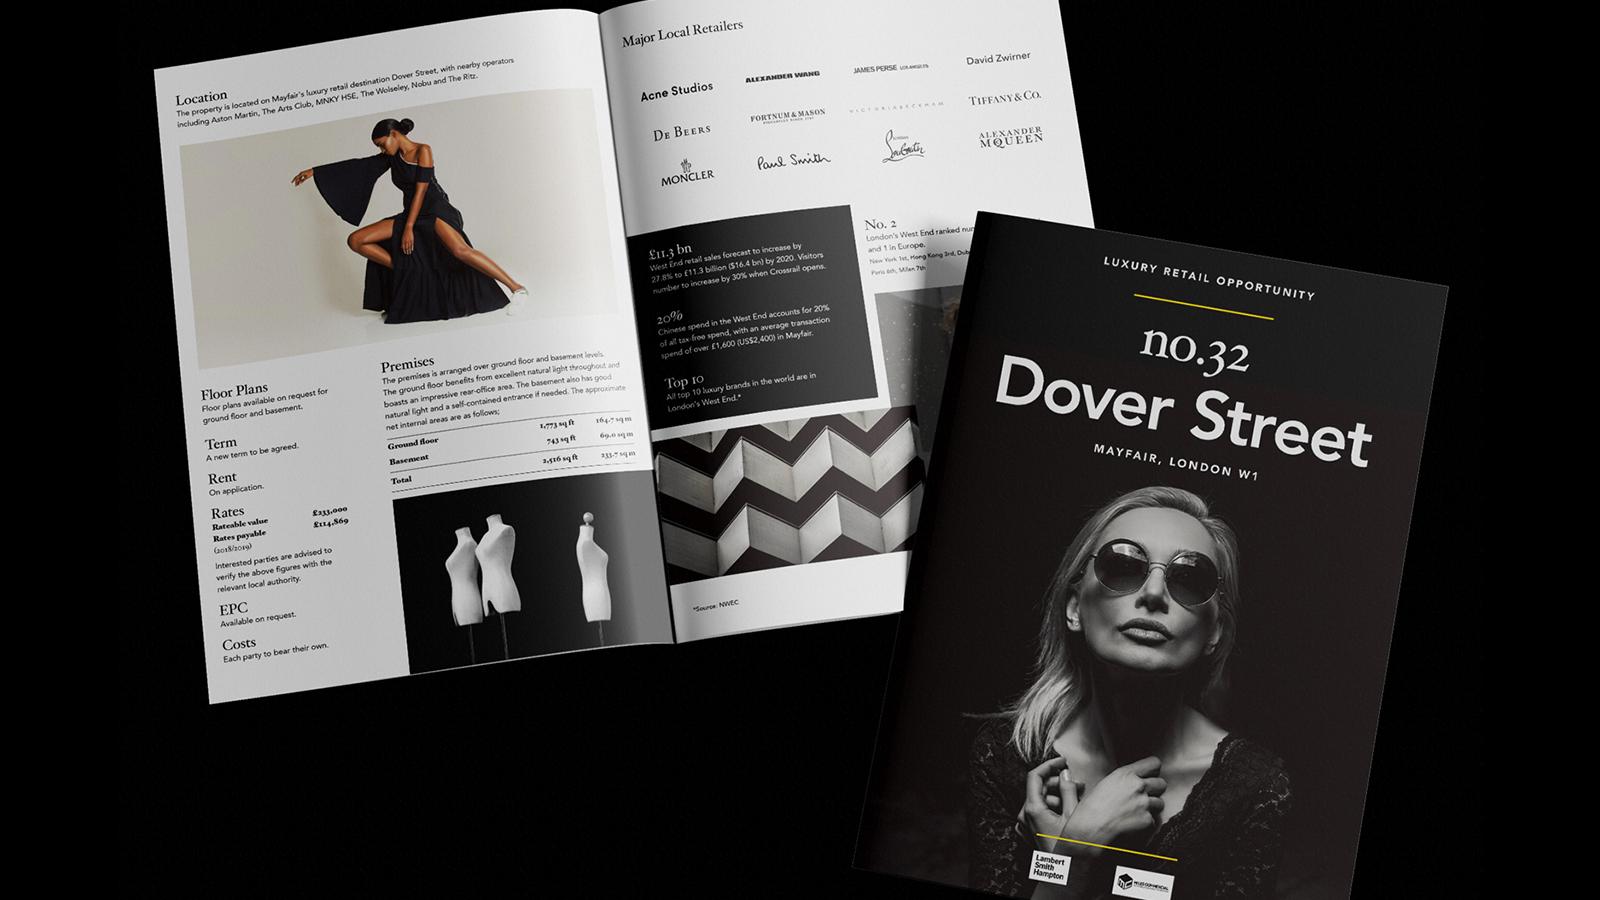 Branding-and-marketing-ALSO_Agency-Dover-Street-01.jpg